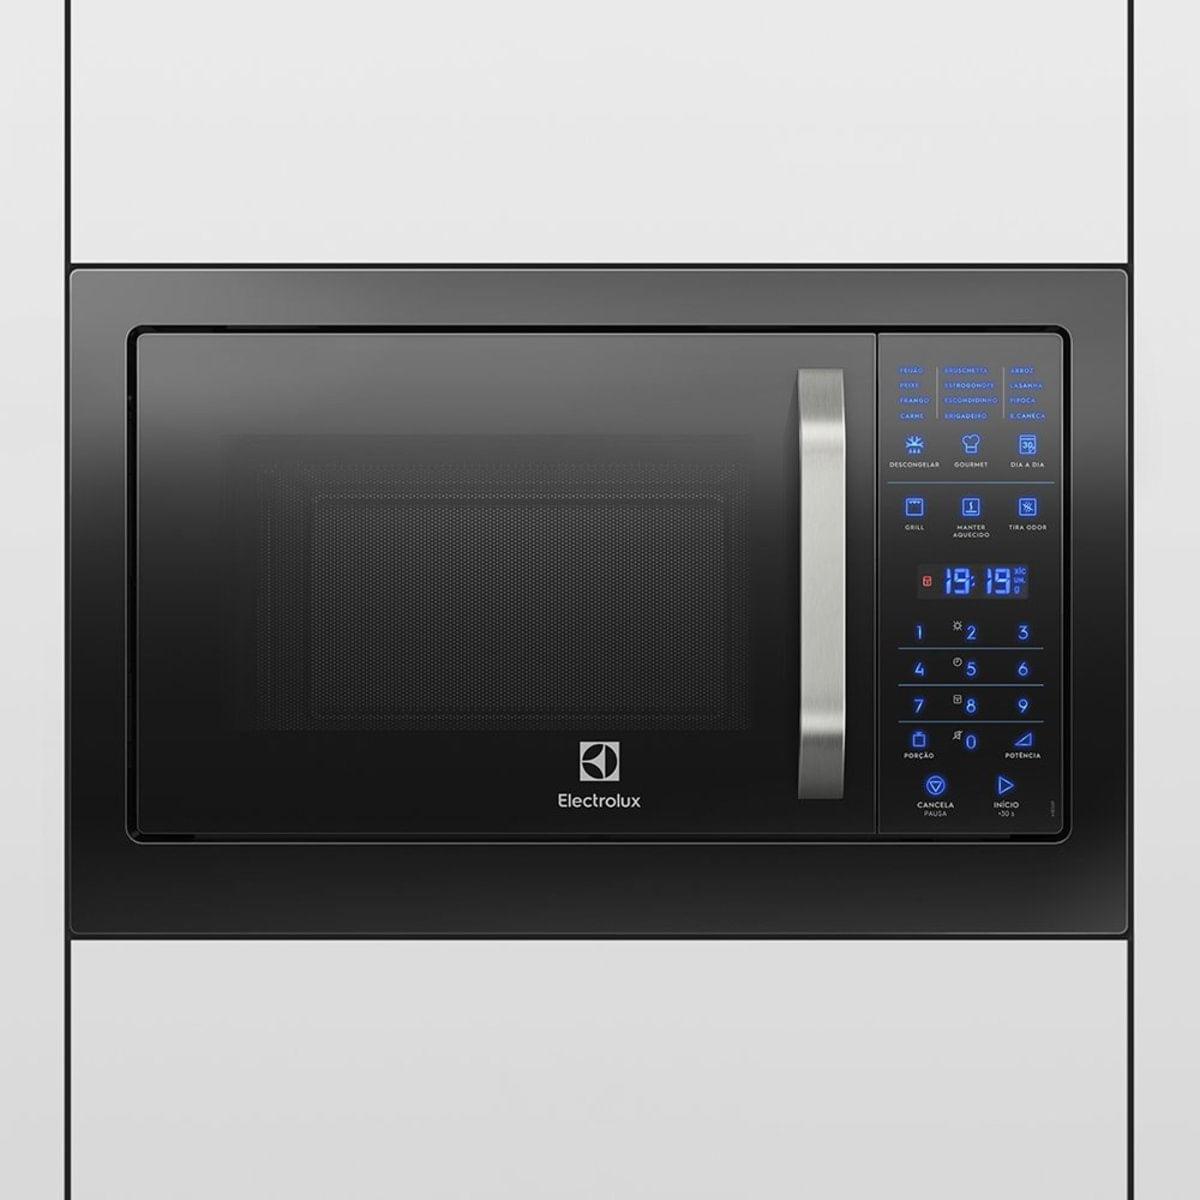 Imagem de Micro-ondas Electrolux de Embutir 28 Litros Preto - MB38P